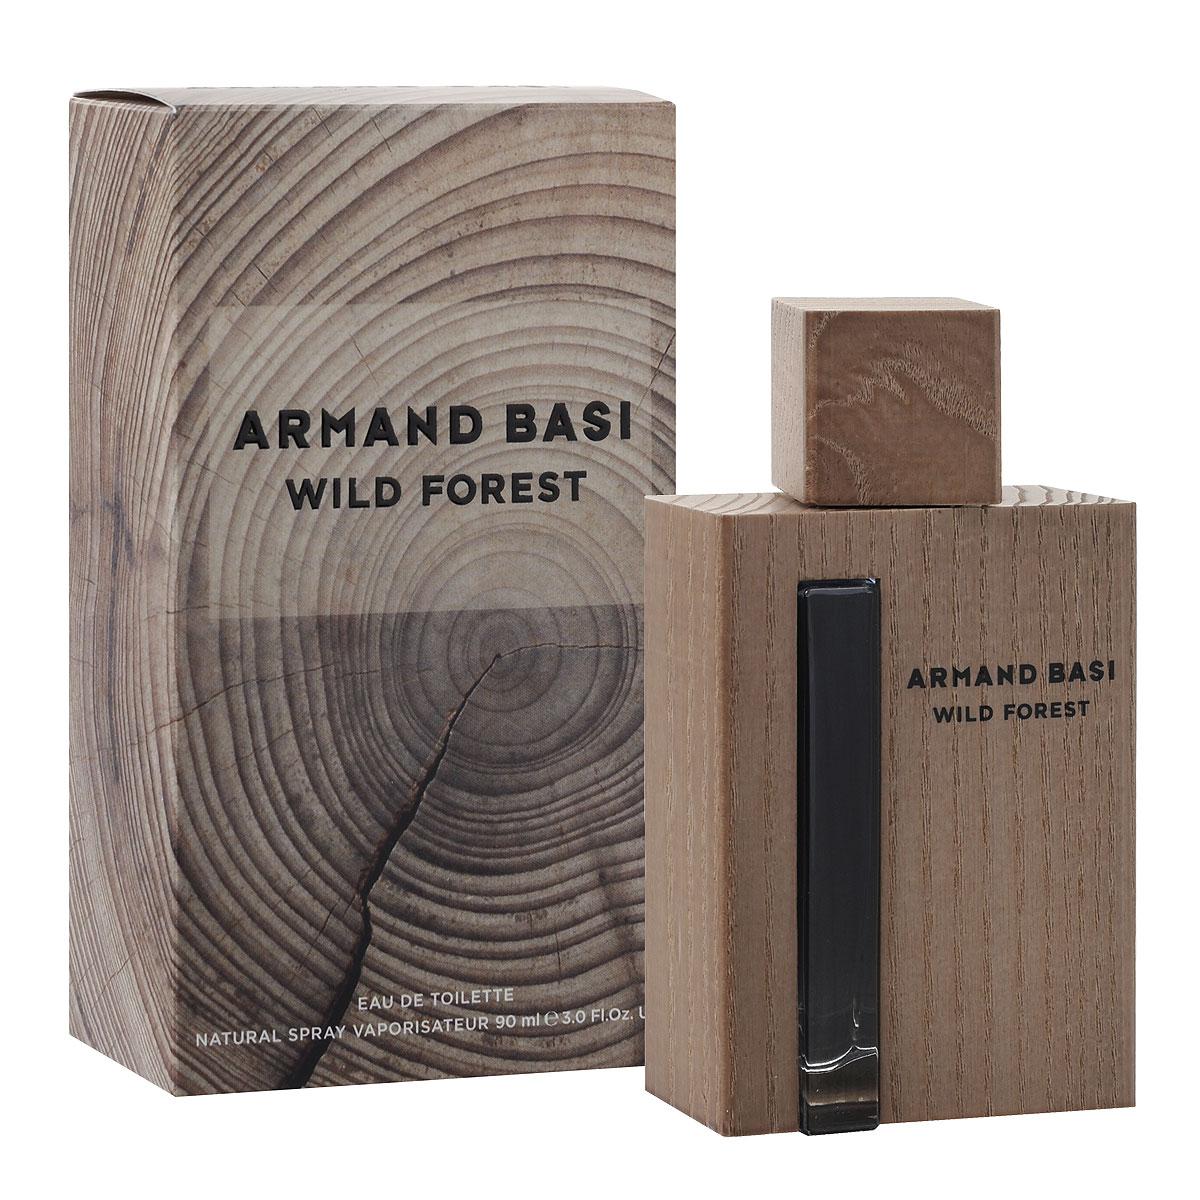 Armand Basi Туалетная вода Wild Forest, мужская, 90 мл48575Wild Forest - новый мужской аромат от Armand Basi, созданный благодаря вдохновению от самого благородного элемента: дерева. Природа прекрасна и непредсказуема. Она несет в себе жизнь. И дерево лучшее доказательство этого ее качества. Мужчина Armand Basi обладает естественной элегантностью, которая проявляется через его отношения с природой. Он прекрасно знает, что все природное безупречно по определению и видит воплощение этой природной, натуральной и несовершенной красоты в дереве.В мире стрессов Wild Forest - его островок, место, где мужчина может обрести себя и освободить свою настоящую, дикую сторону личности. Это может быть лес, это может быть комната, но в первую очередь это место находится в его сознании. Личный теплый, персональный оазис.Неправильная форма дерева, рисунок его внутренних колец, проявляющийся с годами, цвет, вызванный воздействием света, текстура, меняющаяся под воздействием климатических условий, трещины на его поверхности, - все это вместе создает характер благородного материала, также как жизнь дает спонтанный характер молодым людям, и спокойный - пожилым. Wild Forest создан для мужчины без возраста, который, как и дерево, извлекает лучшее из каждой стадии своего взросления.Древесина - материал многогранный и пластичный, легко адаптируемый к современной жизни в большом городе и используемый ежедневно и повсеместно. Таким образом, превращенная в современный объект, она являет собой связь между городом и природой. Древесина, благодаря своему благородному происхождению, объединяет традиции и качество. Это теплый и современный материал, элегантный, прекрасный и вечный. Armand Basi Wild Forest - это одновременно классический, и современный Аромат, такой же, как и мода от Armand Basi. Аромат, который переносит Вас из города в лес.От природы до шума большого города. Сила и мощь благородного дерева - праздник несовершенной красоты Природы и аутентичности всего естественного.Элегантный и сде